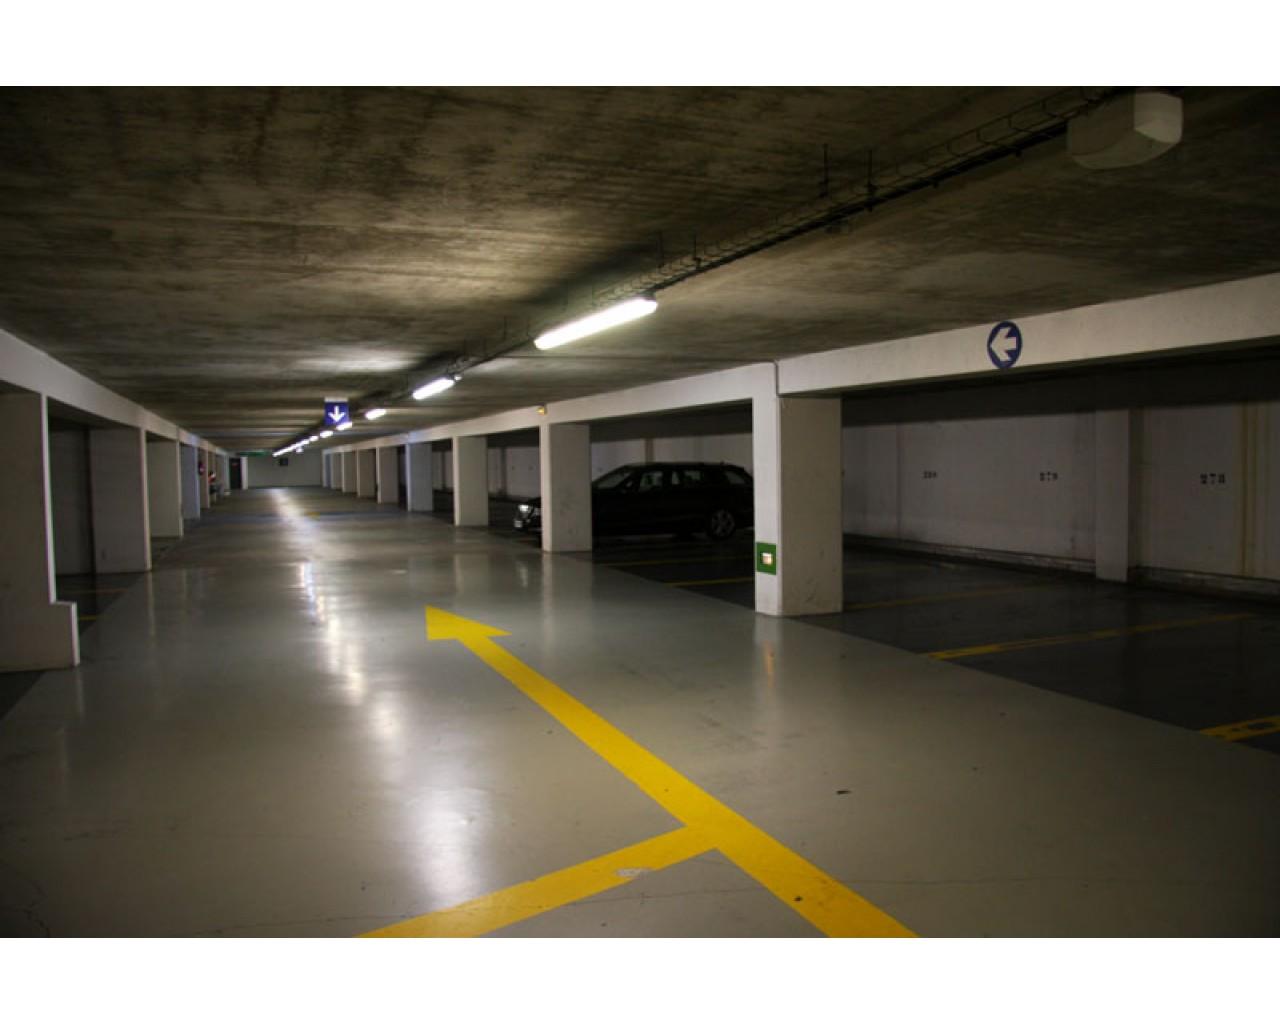 Location de parking : une vie meilleure